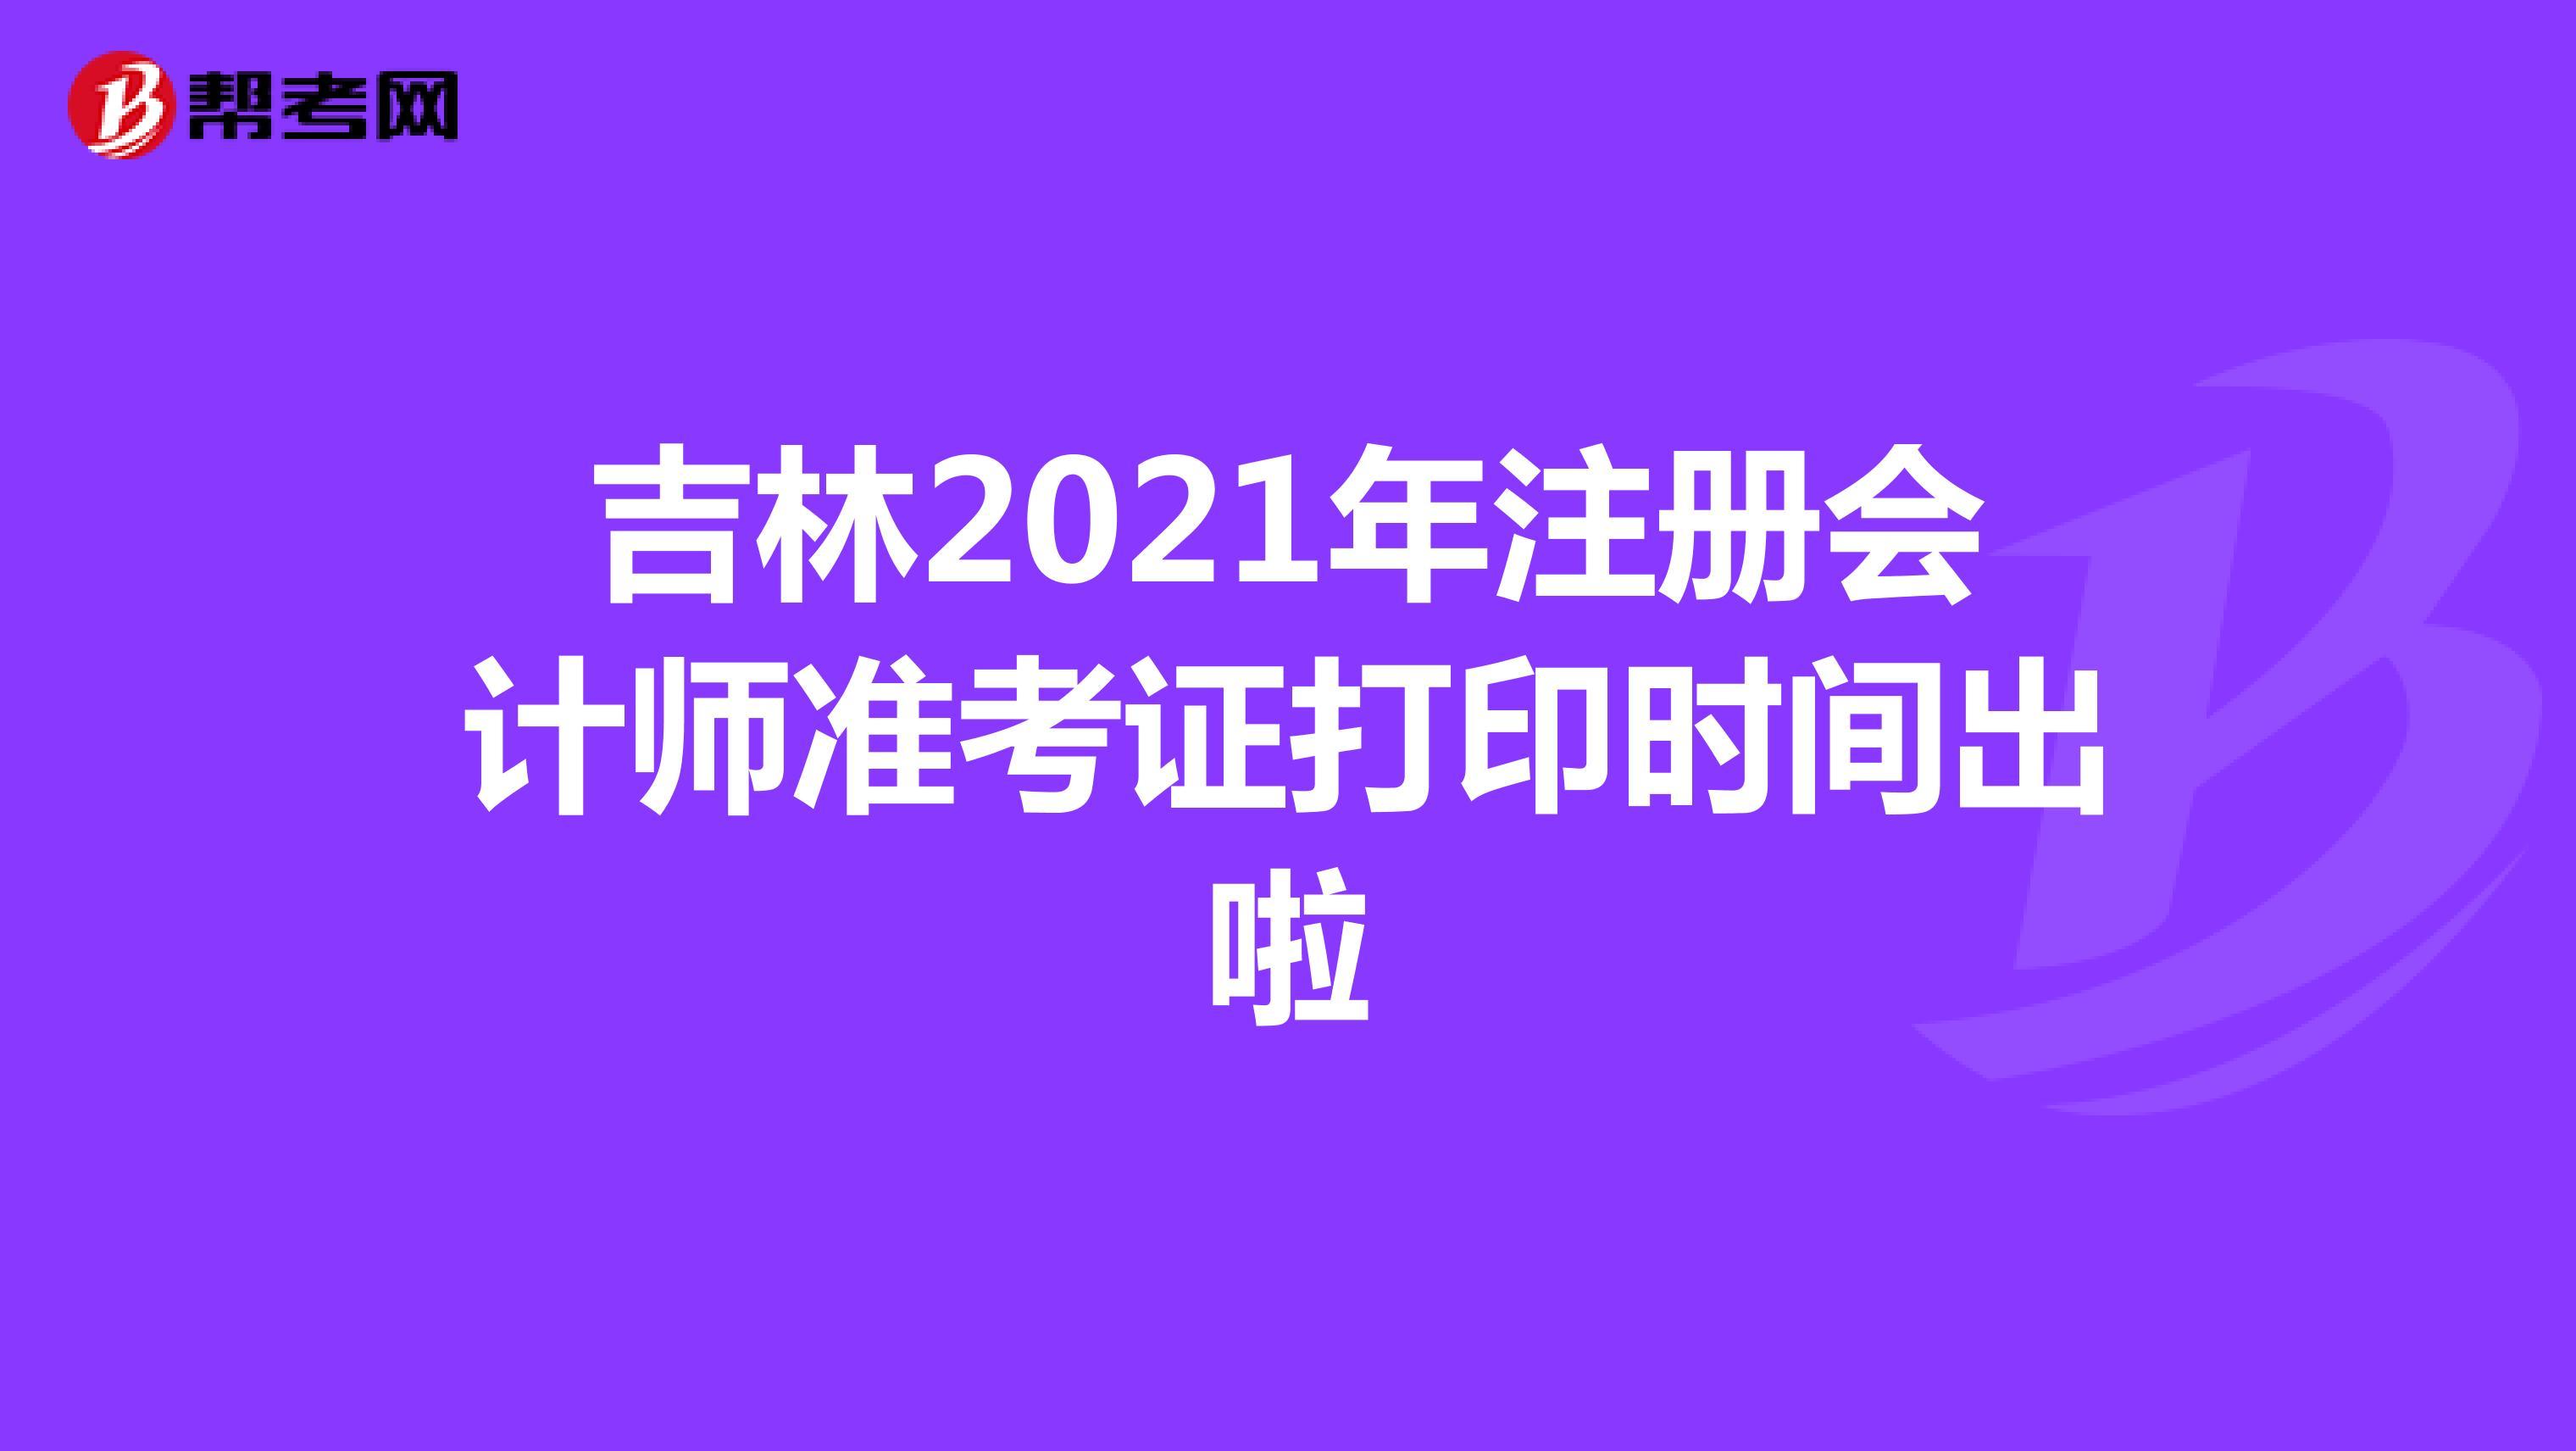 吉林2021年注册会计师准考证打印时间出啦